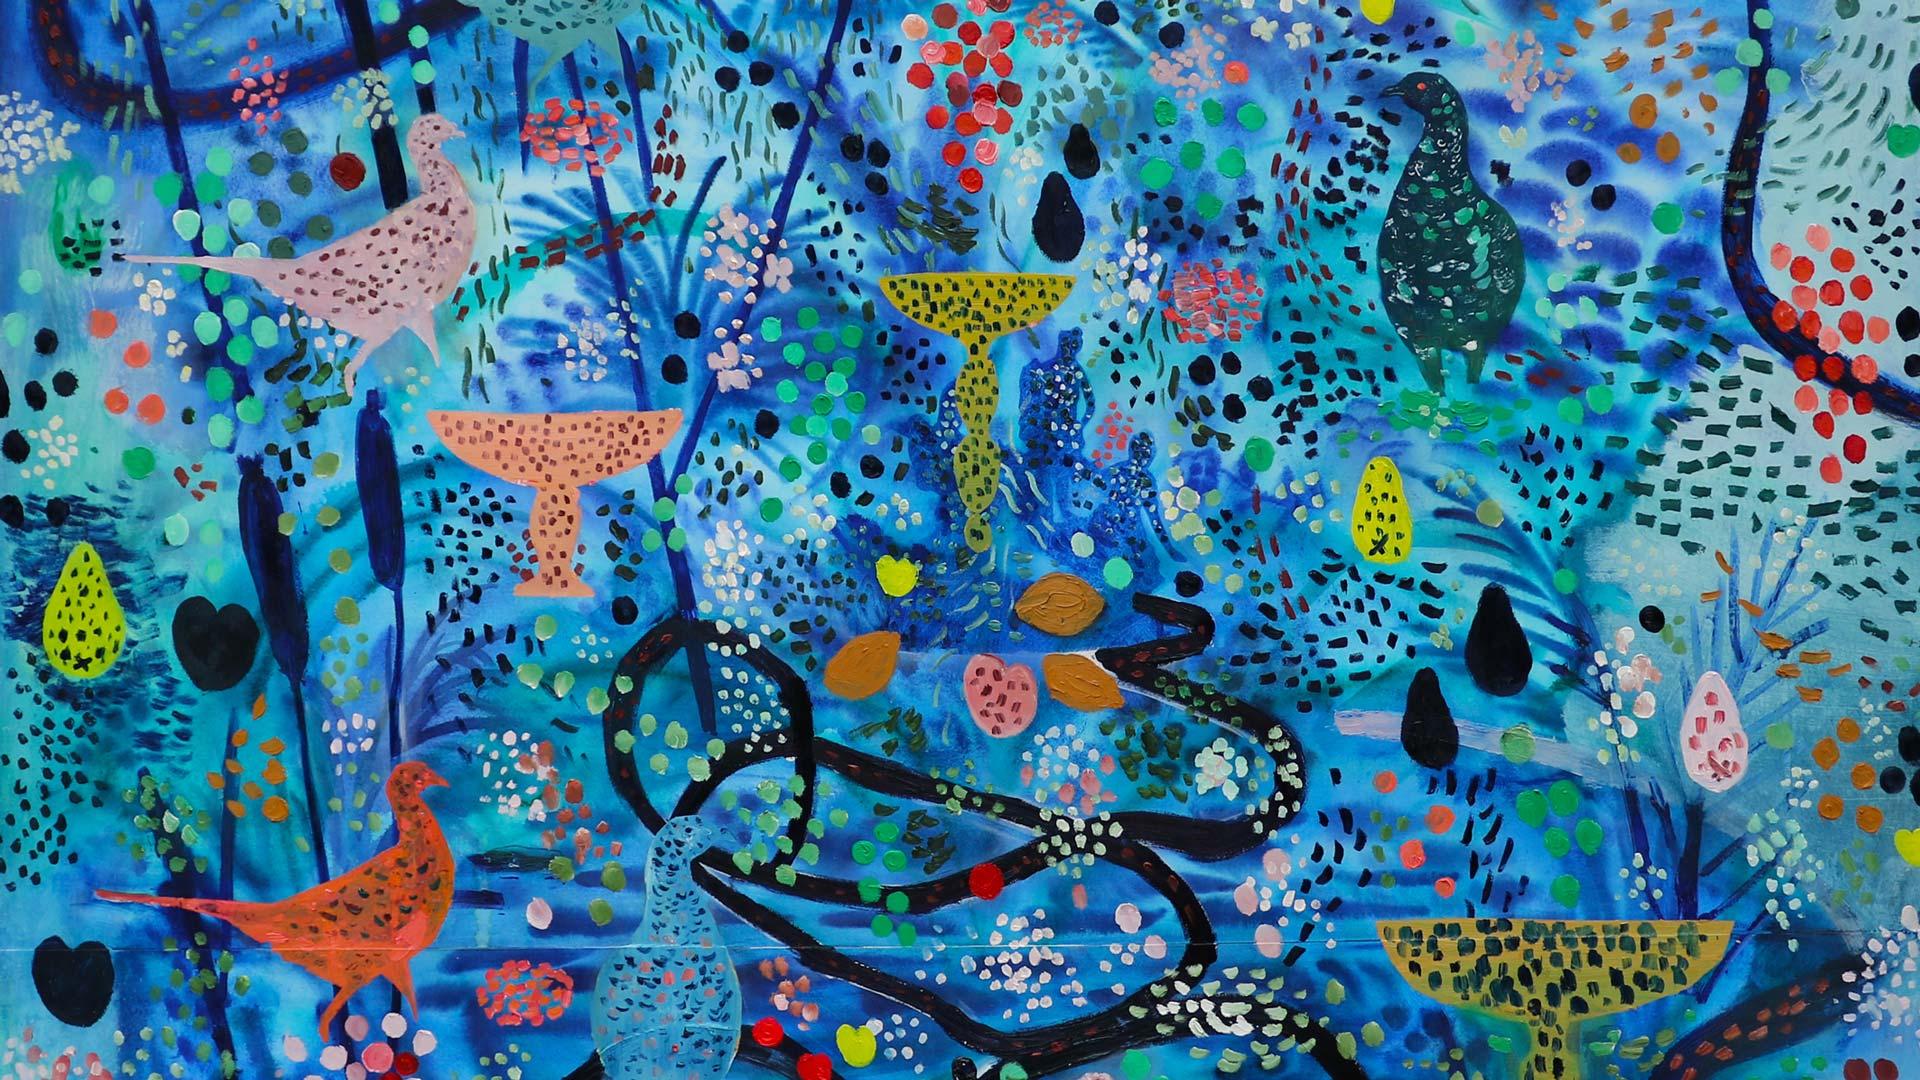 Satu Rautiaisen maalaus: Lintujen ruokintapaikka